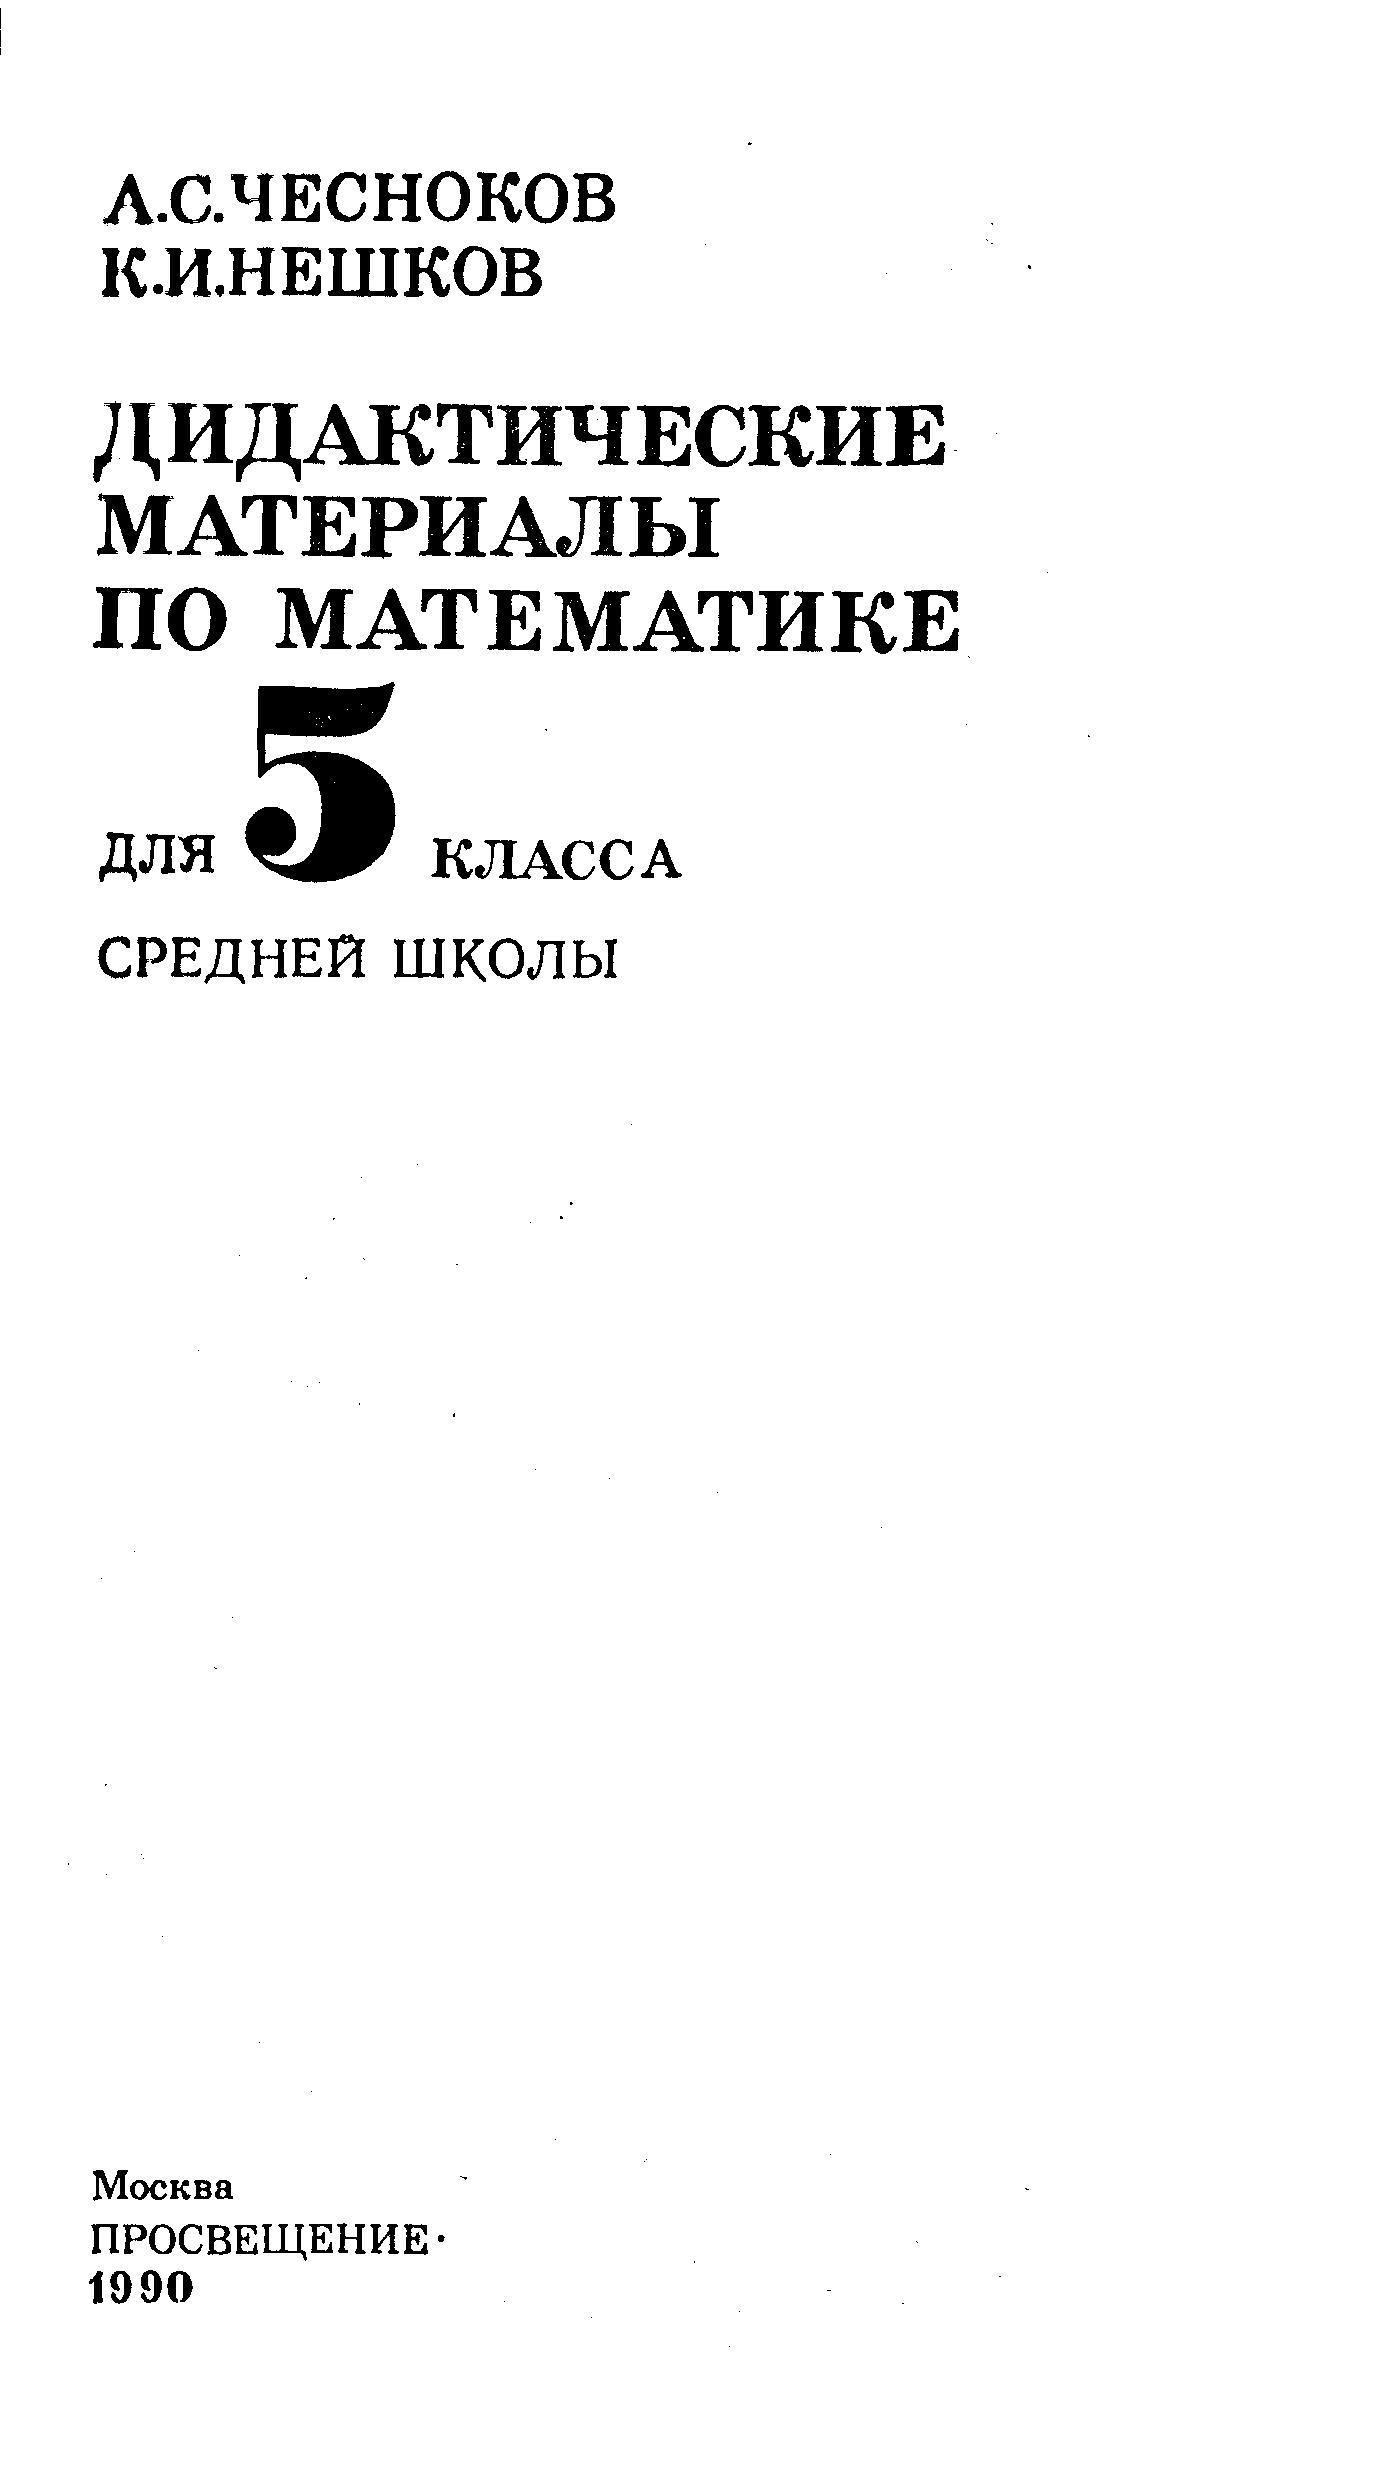 Гдз по математике дидактический материал чесноков няшков за 5 класс 4 издание 2018 год